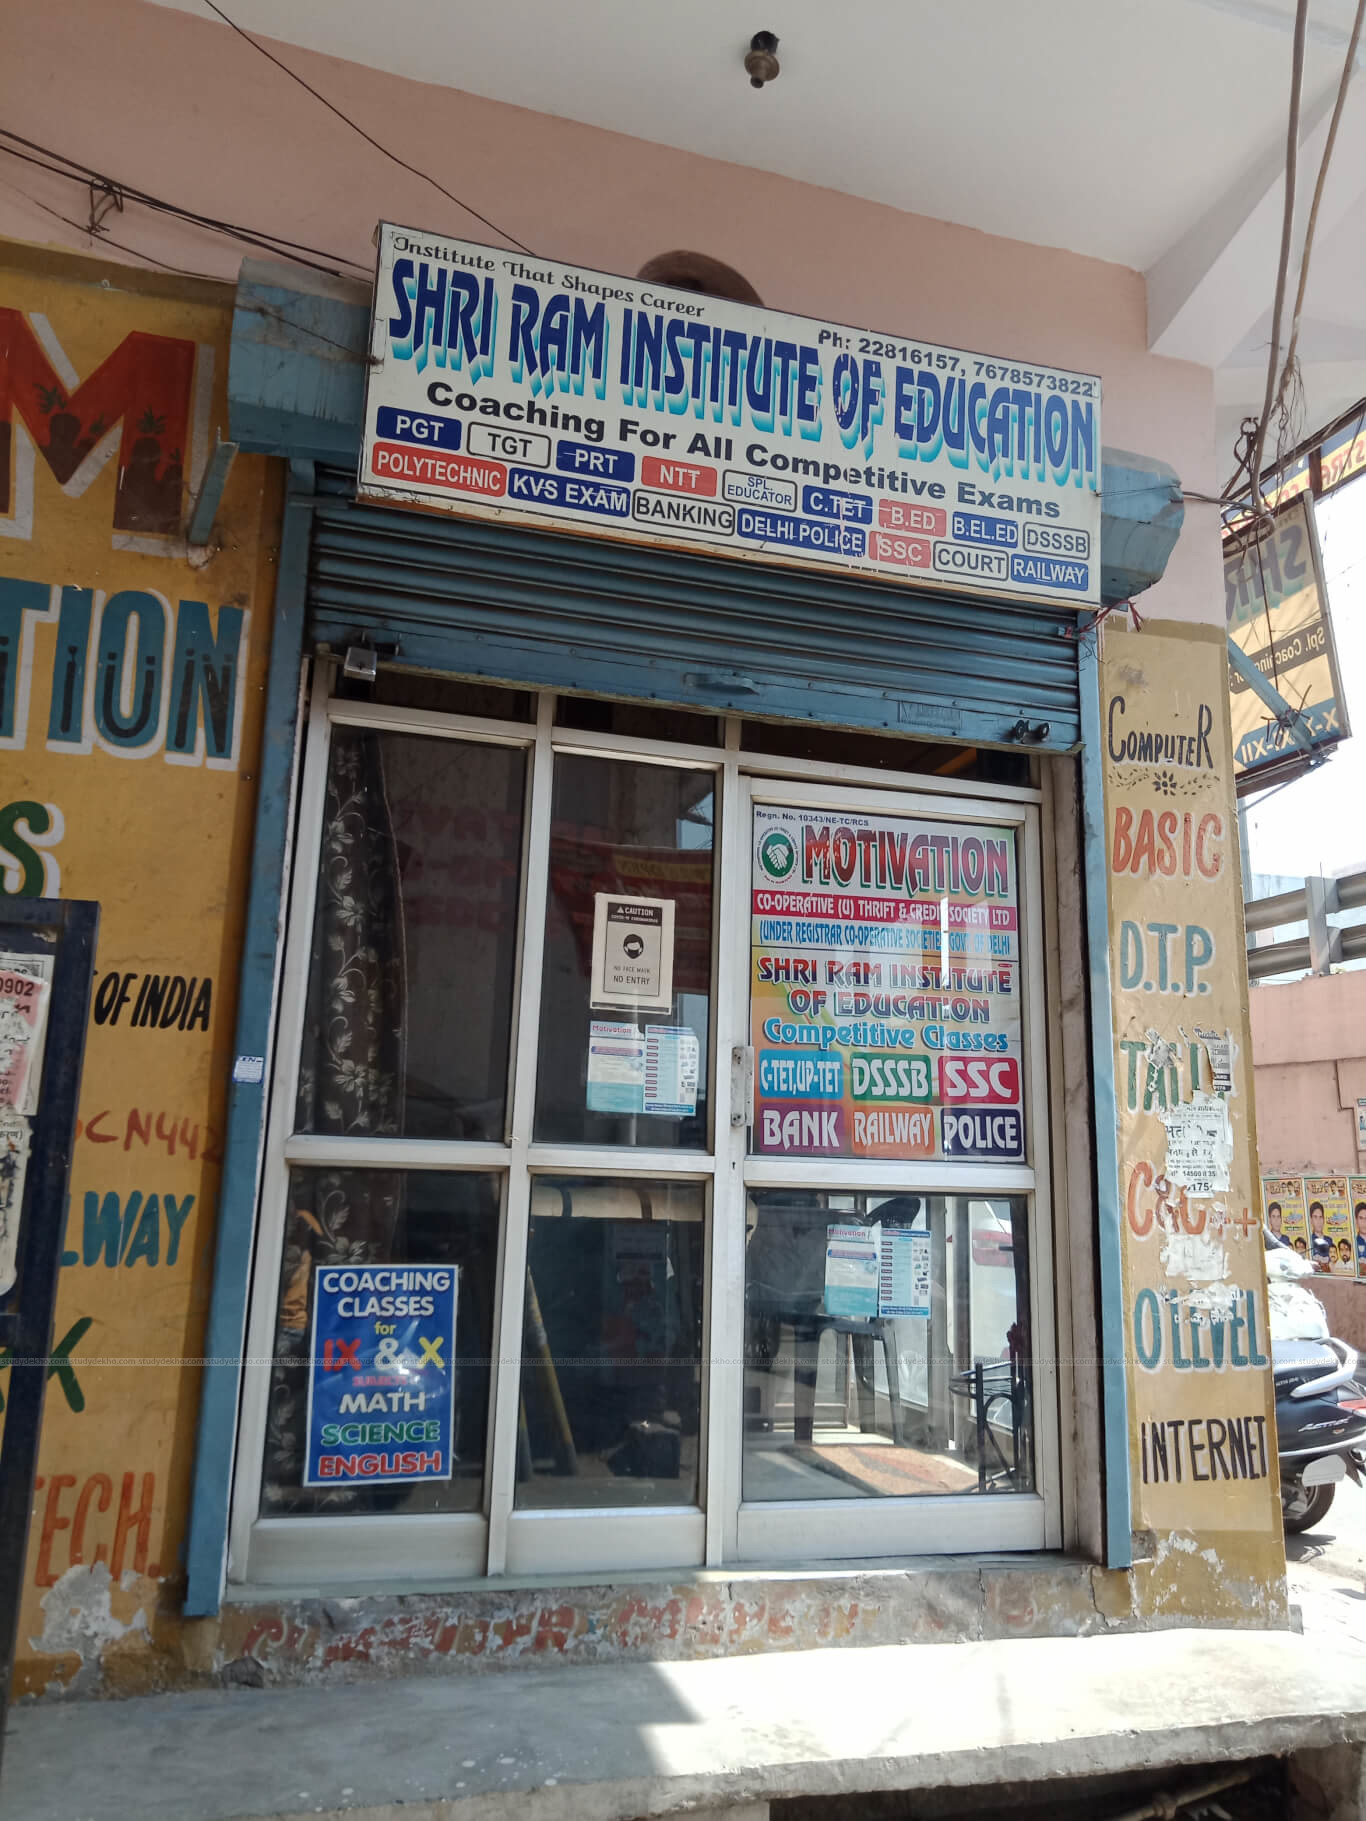 SHRI RAM INSTITUTE OF EDUCATION Logo